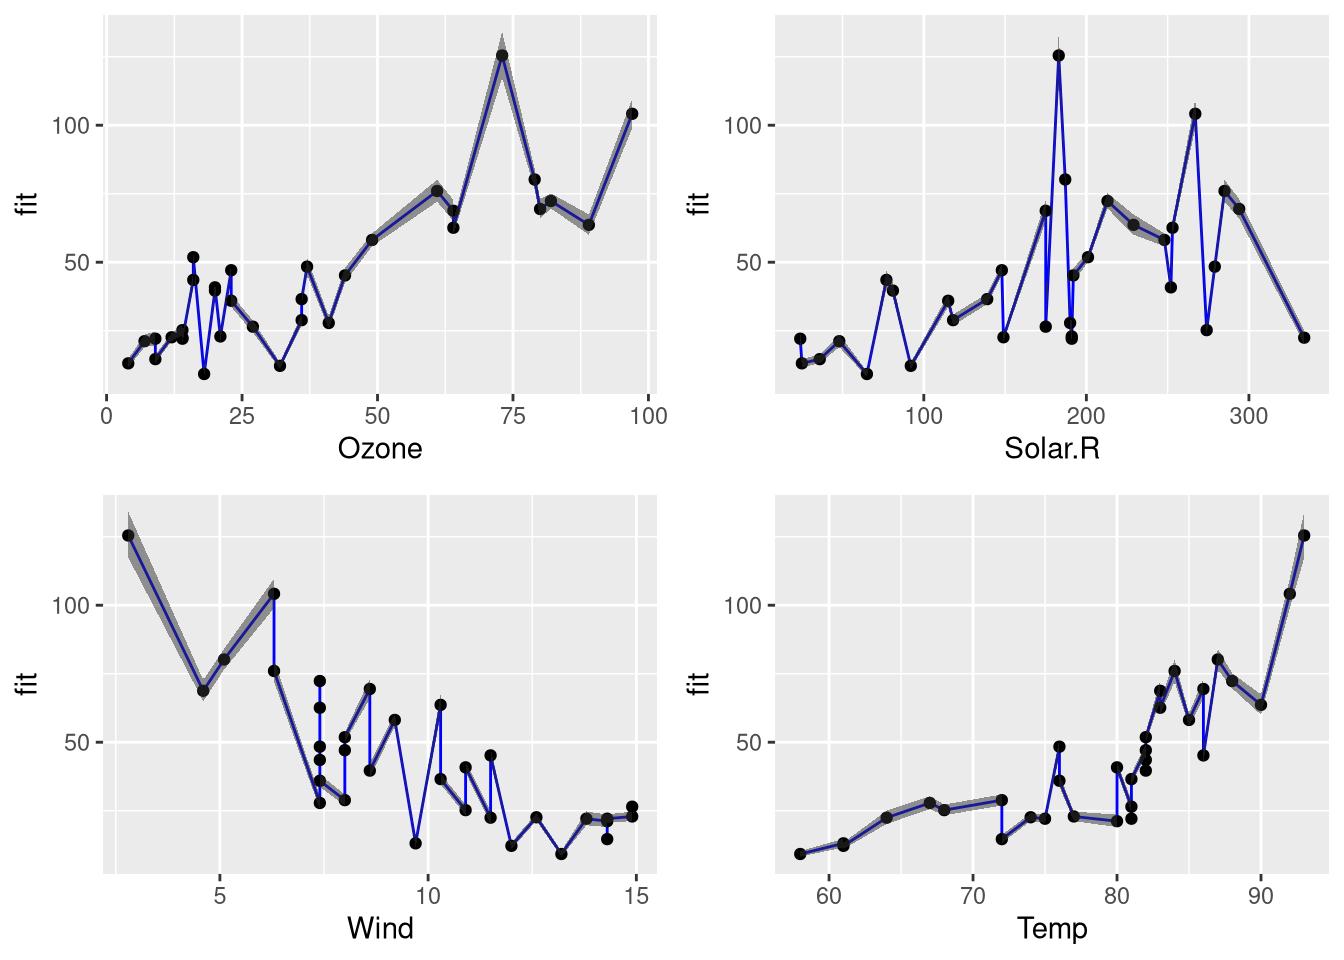 Interpreting Generalized Linear Models